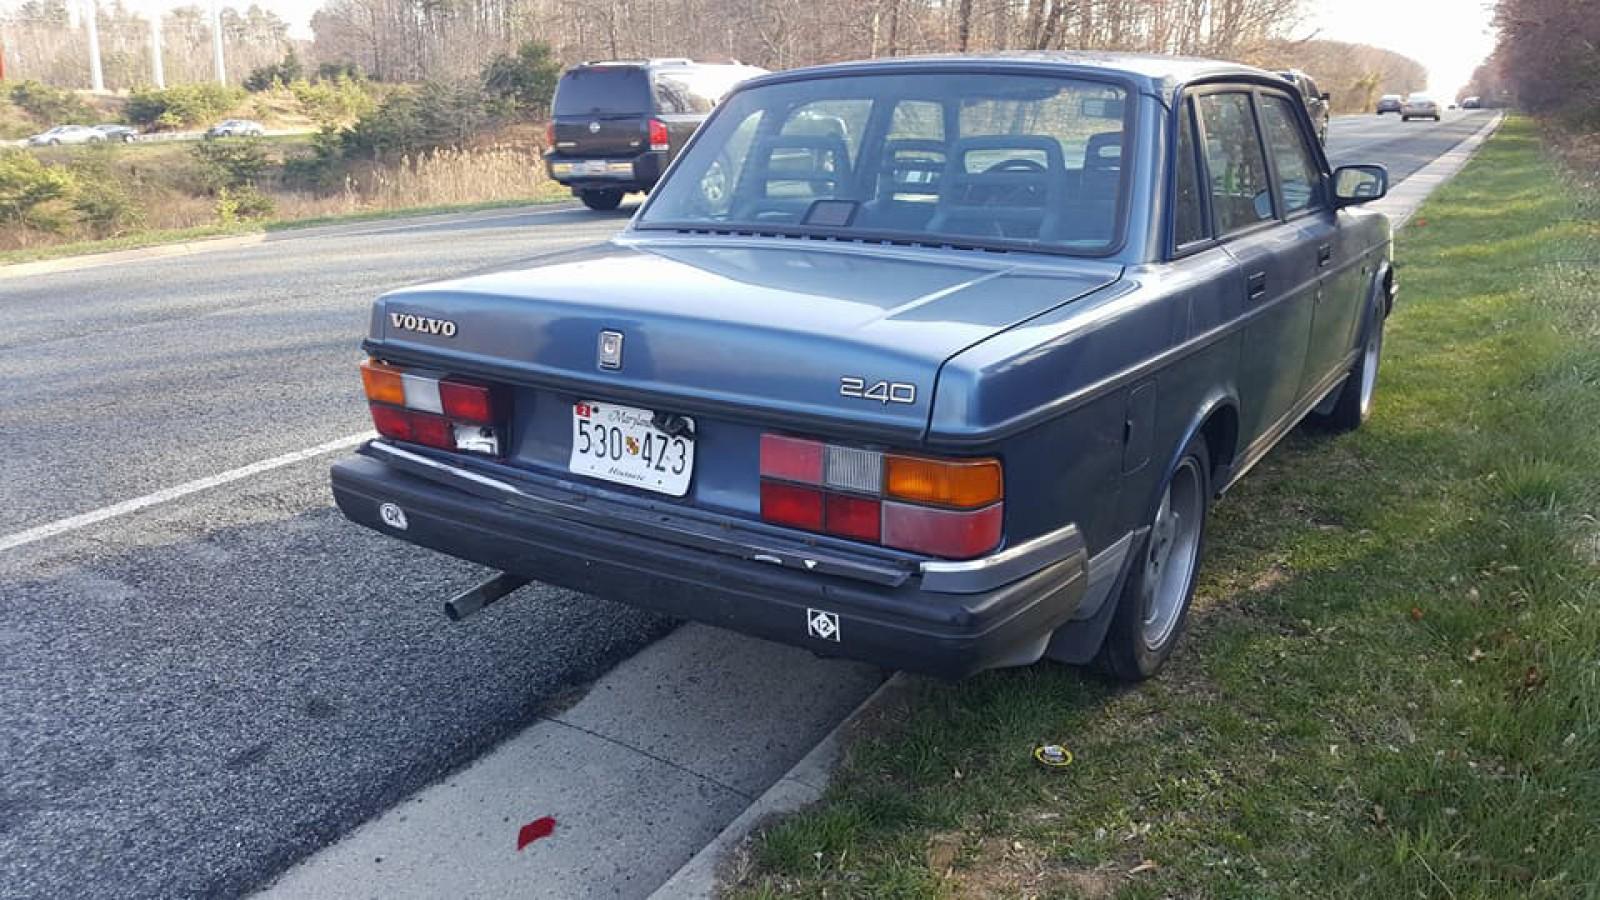 (foto) Accident între un Volvo din anii 80 şi o KIA modernă. Urmările nu au nevoie de comentarii